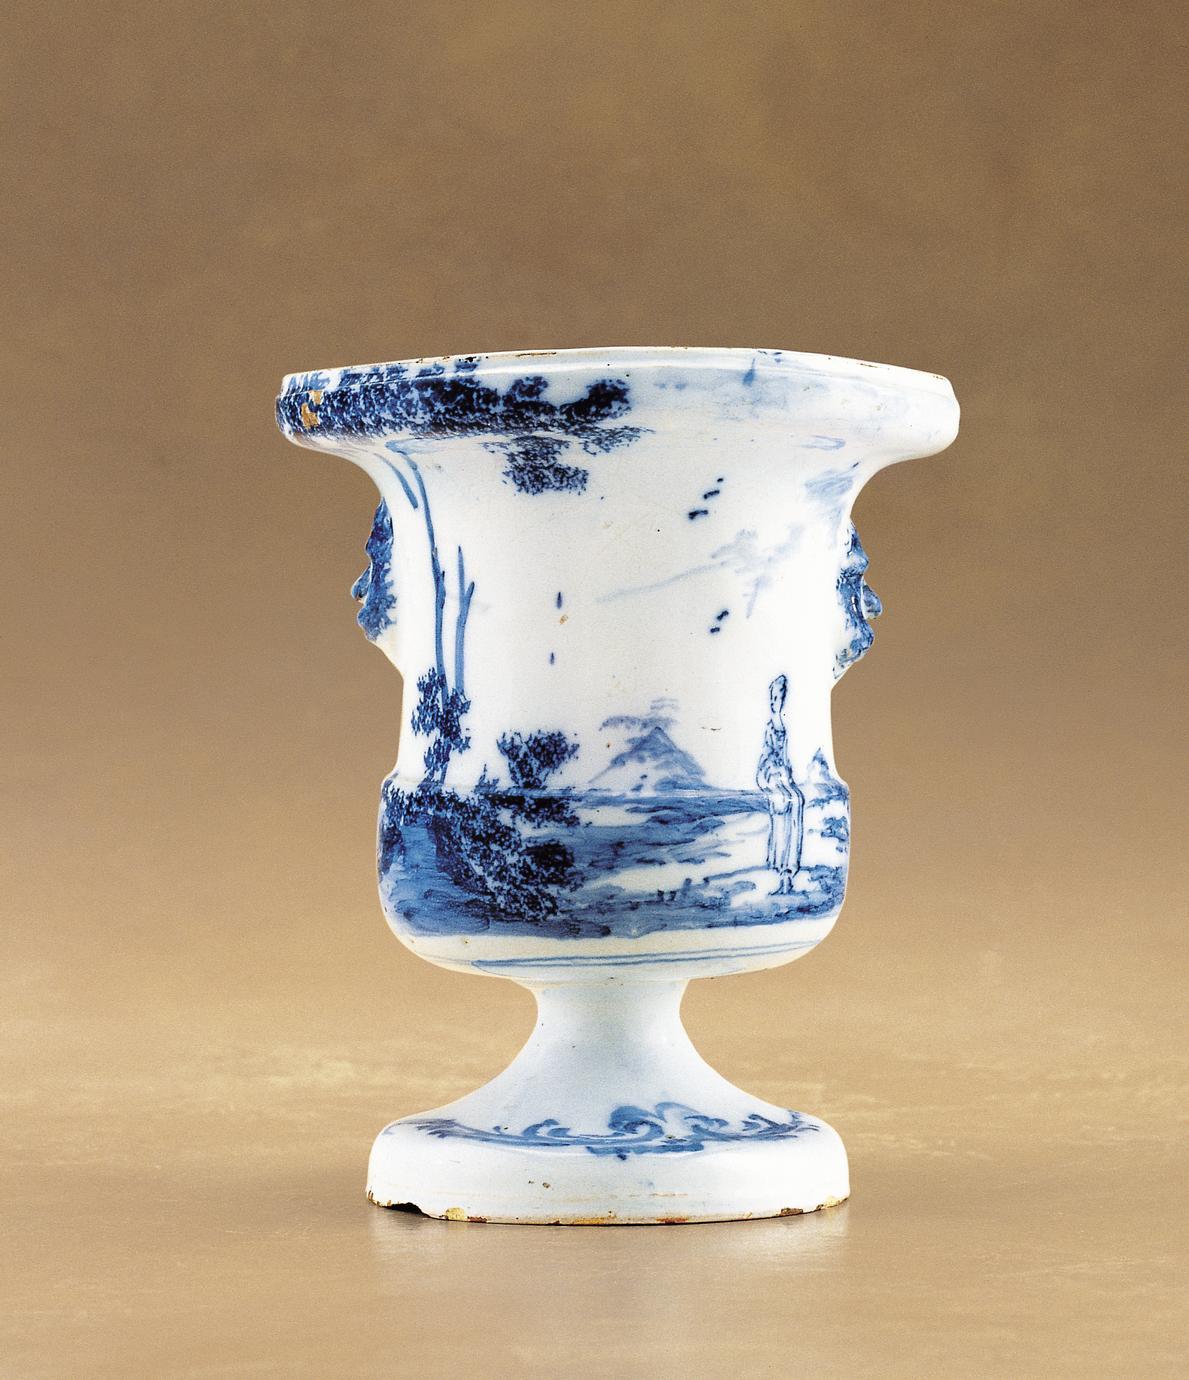 Flower vase (1 of 2)